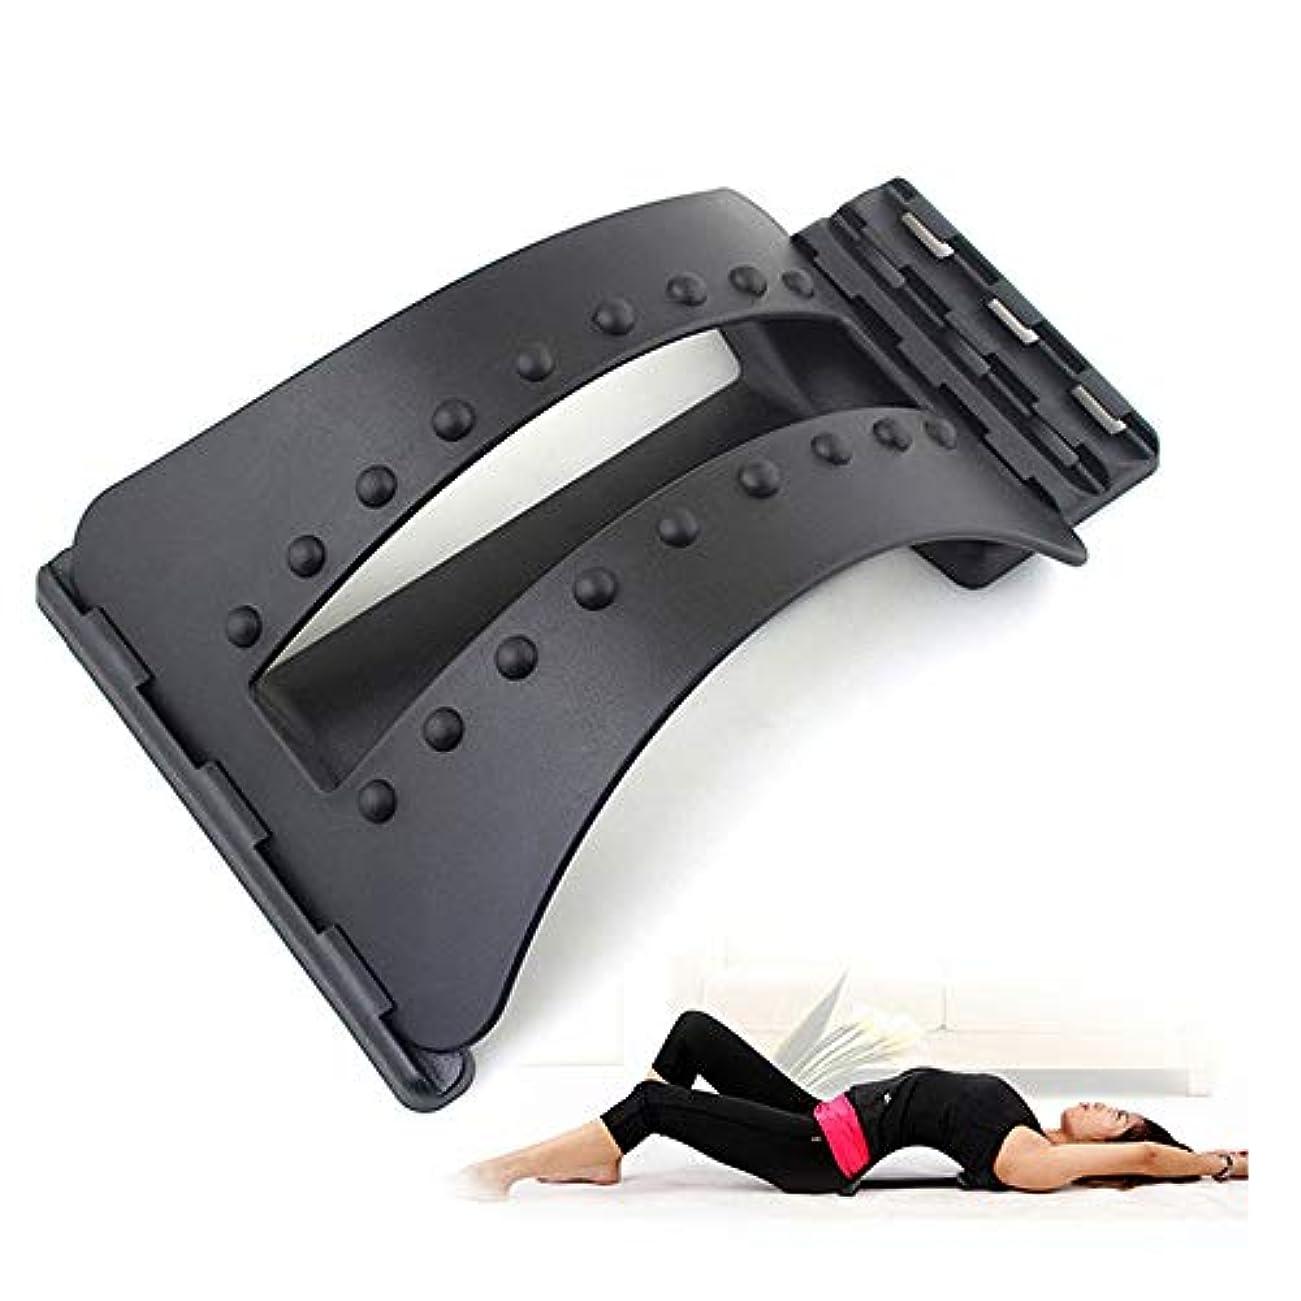 不機嫌チョコレート実施する背中マッサージストレッチャーフィットネスマッサージ機器ストレッチリラックスストレッチャー腰椎サポート脊椎疼痛救済カイロプラクティックドロップシップ